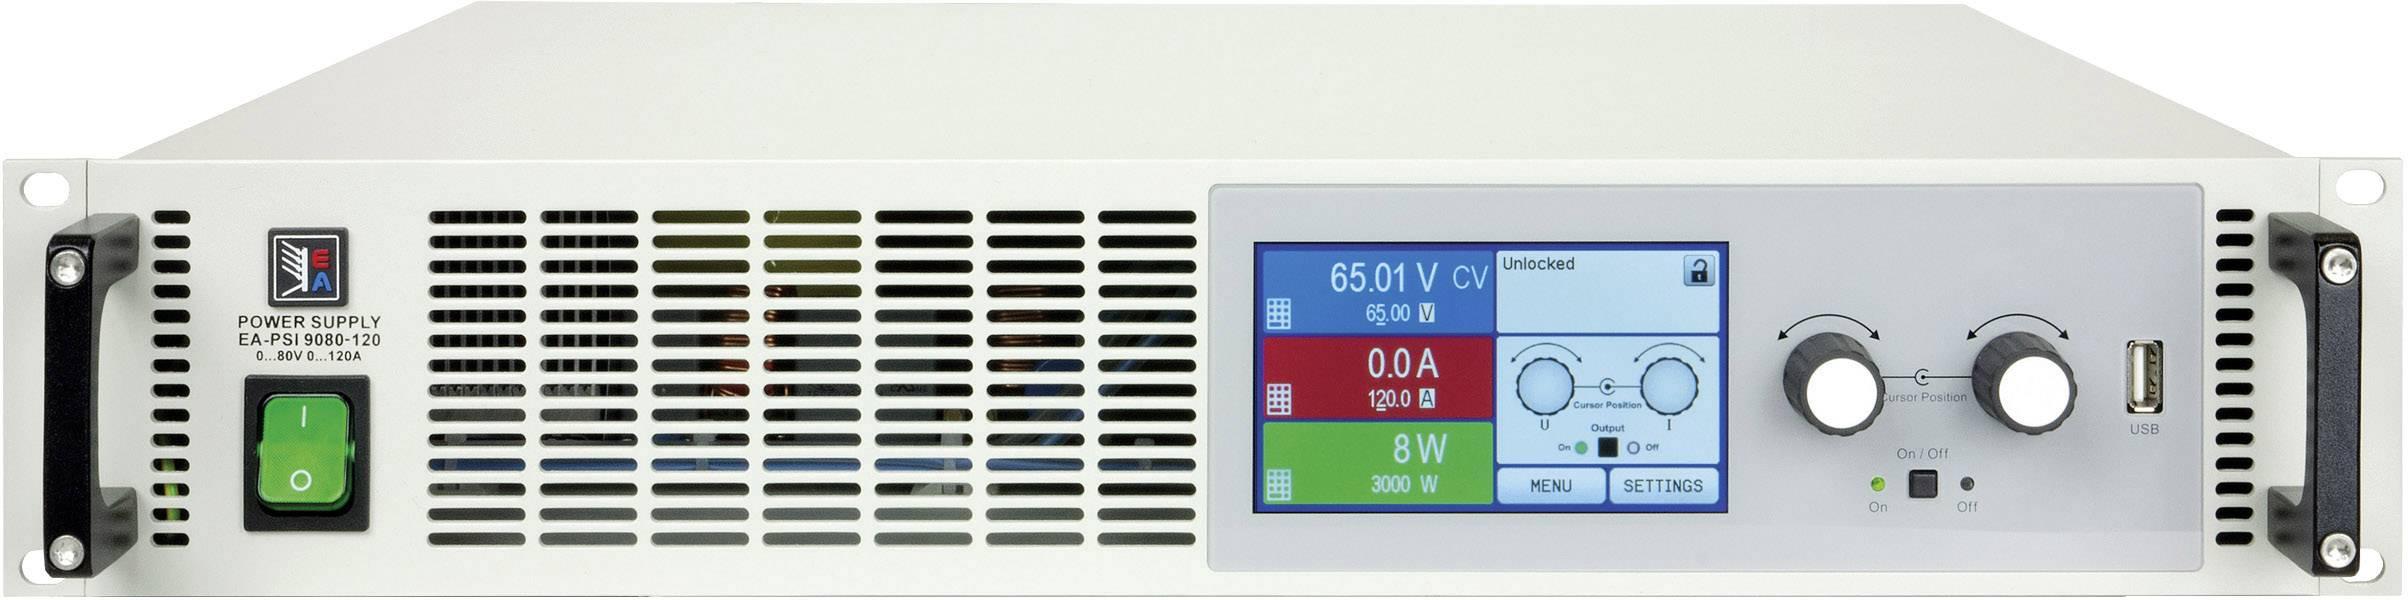 Programovatelný laboratorní zdroj EA EA-PSI 9040-60, 2U, 40 V, 60 A, 1500 W, USB